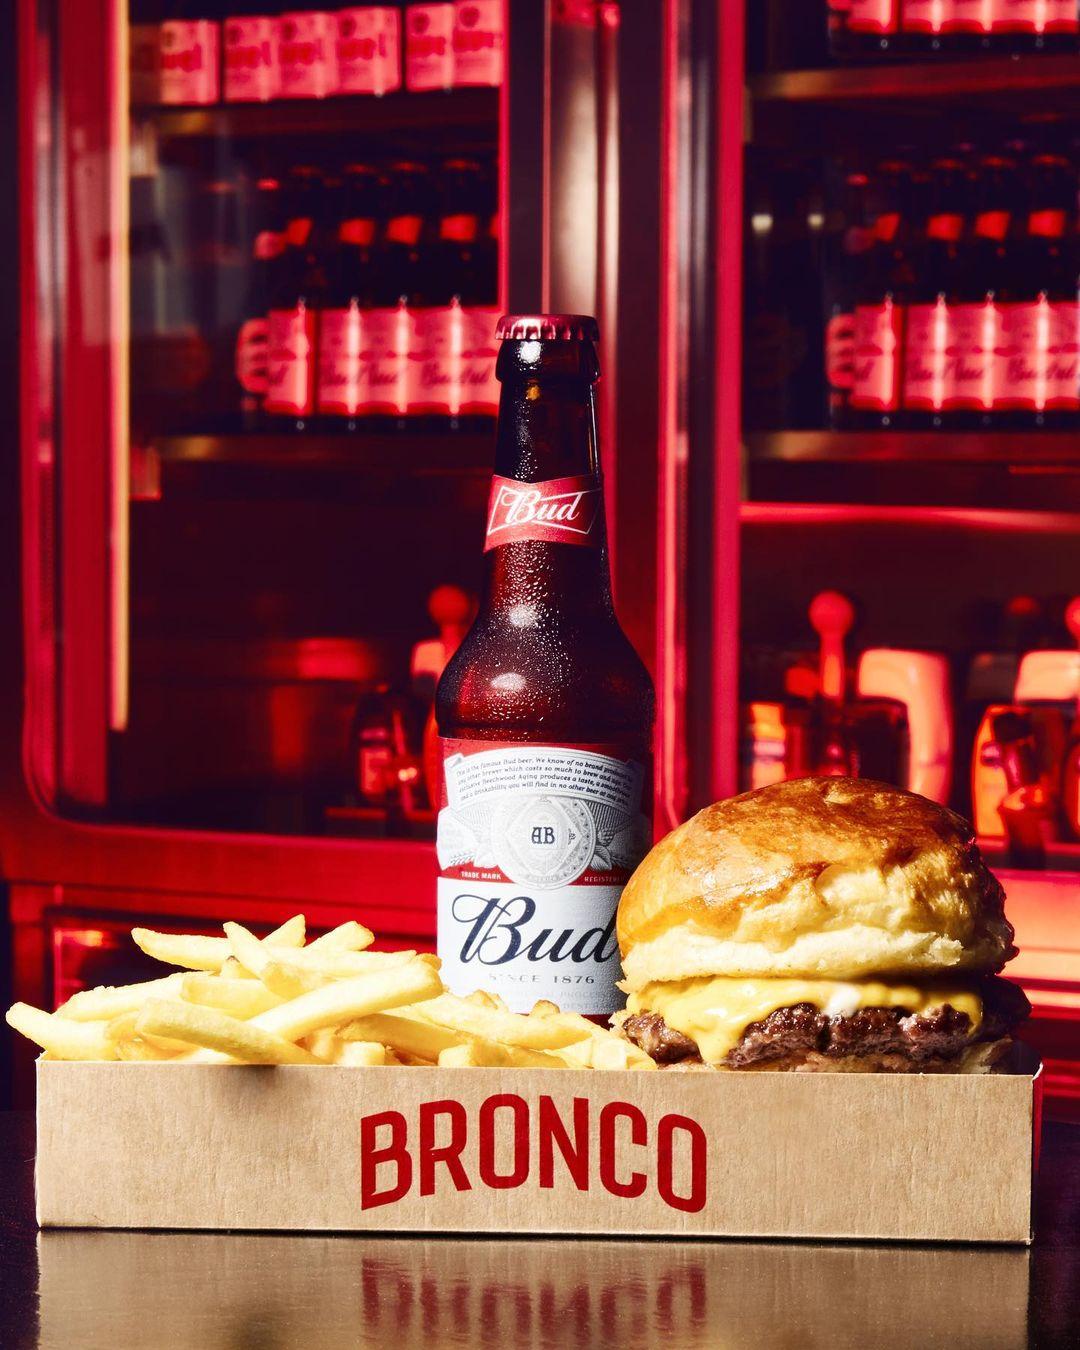 bronco vadiistanbul sarıyer istanbul menü fiyat listesi patates kızartması burger siparişi